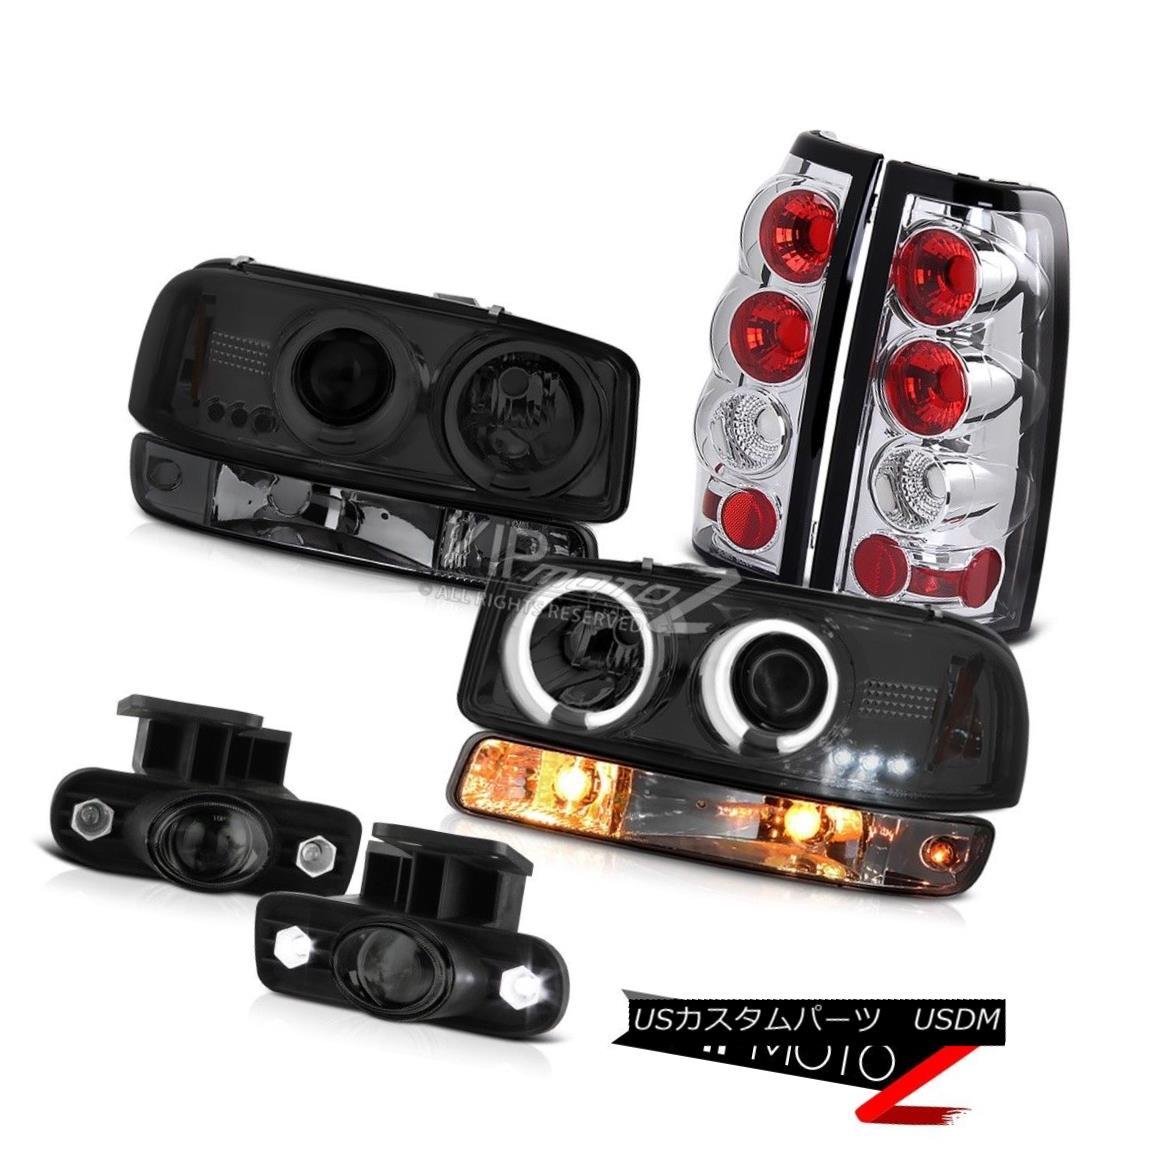 ヘッドライト 99-02 Sierra SL Fog lights crystal clear taillamps parking light ccfl headlamps 99-02シエラSLフォグライトクリスタルクリアテールランプパーキングライトccflヘッドライト